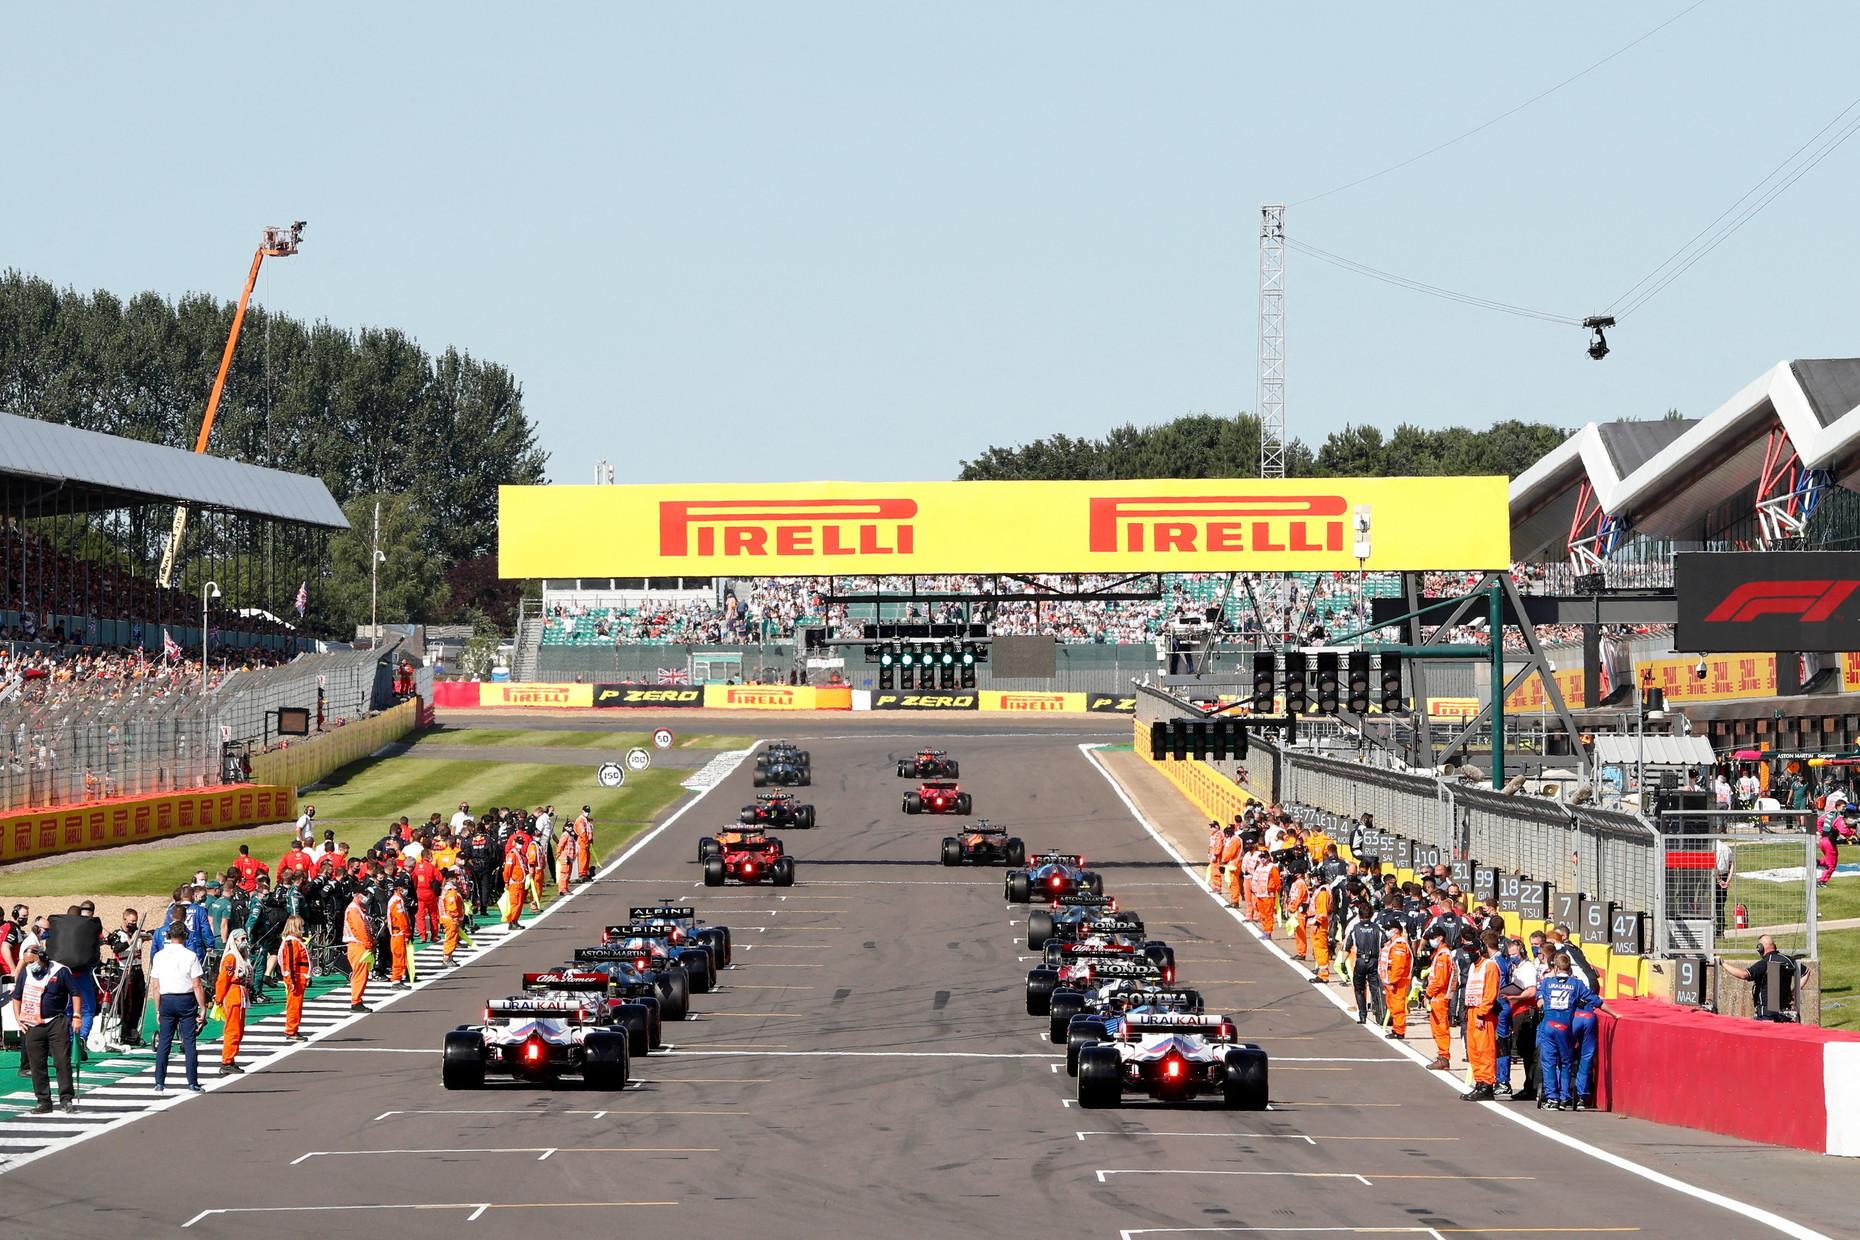 La prima Sprint Qualifying Race porta la firma di Verstappen, che conquista la pole davanti a Hamilton e Bottas.<br /><br />